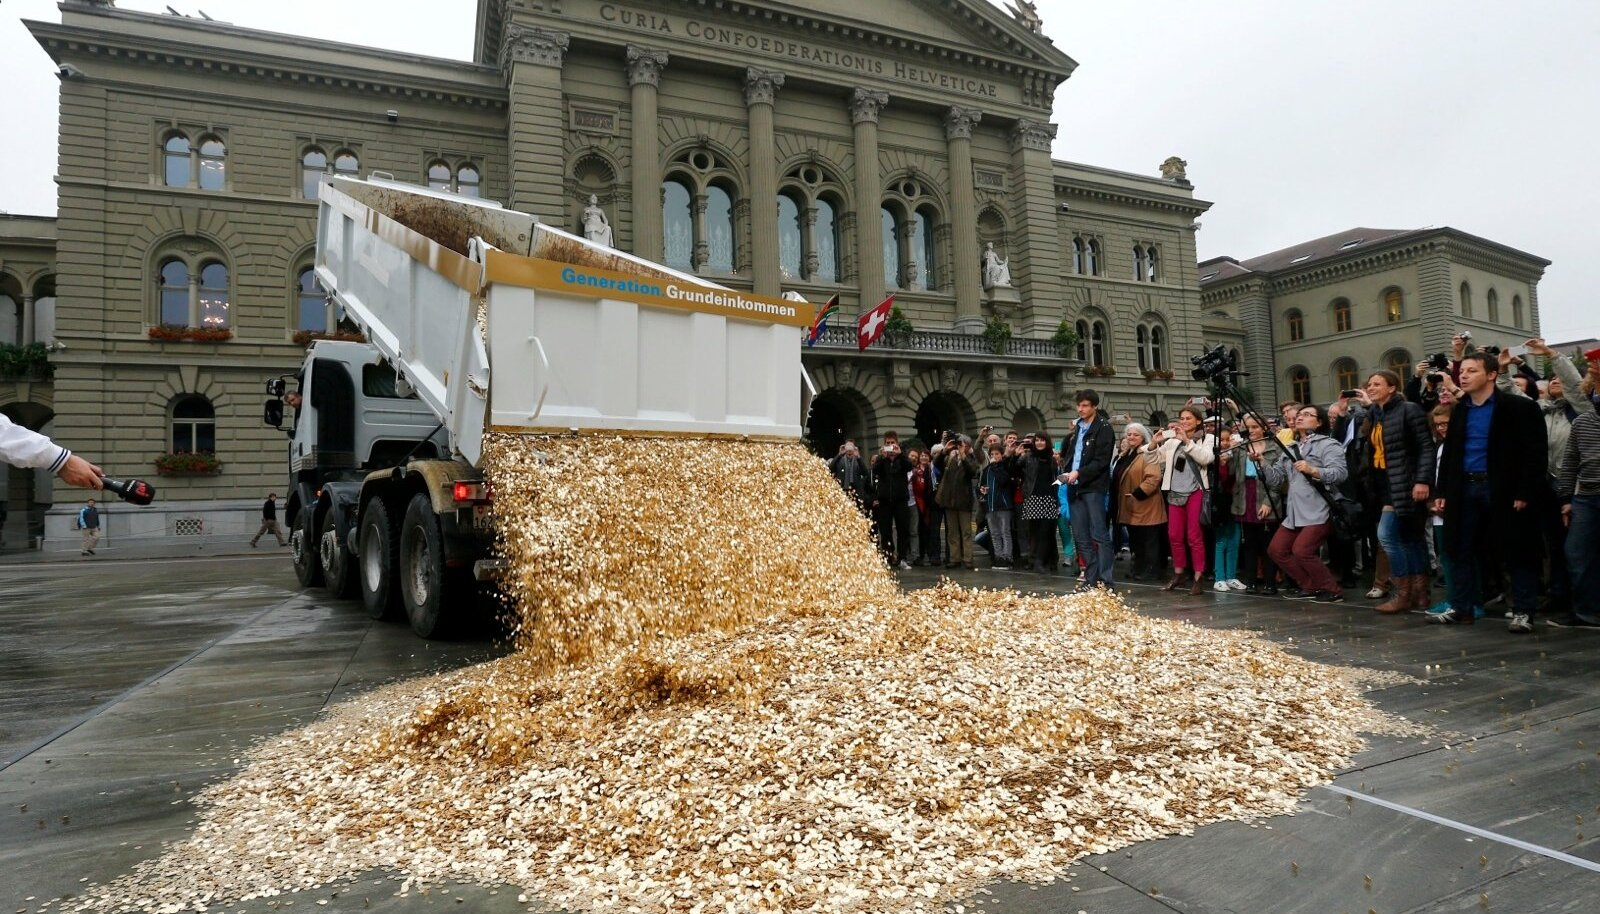 Šveitsi kodanikupalgaaktivistid demonstreerisid vajadust igaühe-sissetuleku järele, kallates Berni südalinnas maha koormatäie viiesendiseid.